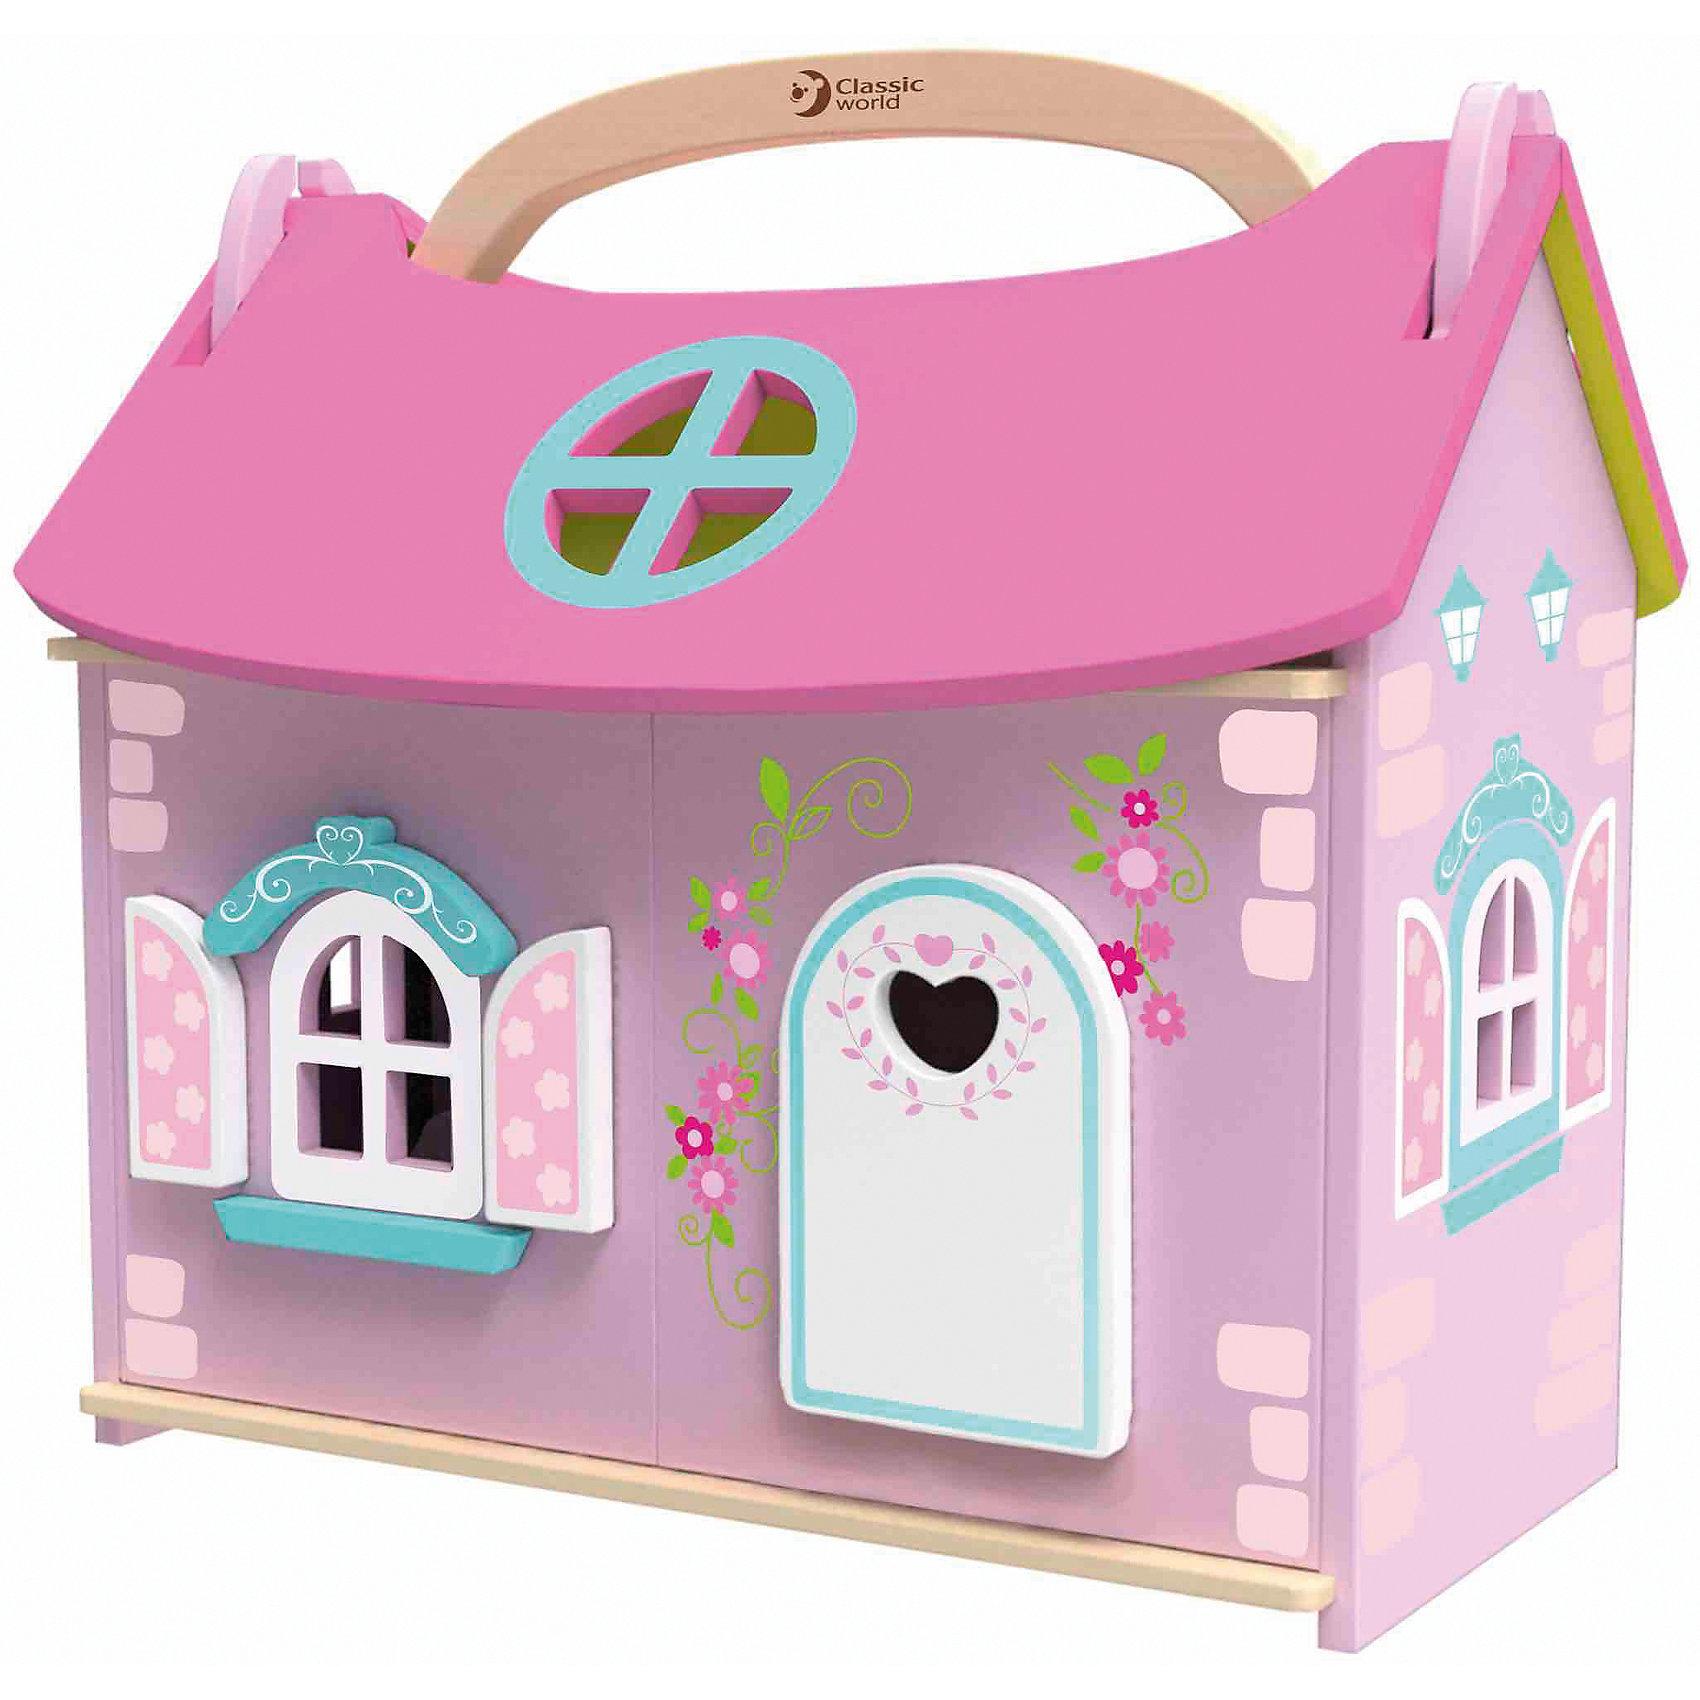 Деревянный домик-чемодан с мебелью и куклой Classic World Домик маленькой принцессыДомики и мебель<br>Характеристики:<br><br>• возраст: от 3 лет<br>• в наборе: домик, фигурка принцессы, 10 предметов мебели (шкаф, кровать, 2 тумбочки, лампа, кресло, стол, стул, зеркало с раковиной, ванна)<br>• материал: дерево, текстиль, металл<br>• размер упаковки: 60х47х16 см.<br>• вес: 2 кг.<br><br>Яркий домик-чемодан «Домик маленькой принцессы» с удобной ручкой для переноски порадует девочку красочным оформлением и удобной конструкцией. Его удобно брать с собой в дорогу или во двор.<br><br>Чемоданчик трансформируется в кукольный домик. Двускатная крыша раскладывается: снимите одну части и положите внутренней стороной вверх около дома - перед вами лужайка. У домика два этажа - нижний и мансардный. Боковая часть чемоданчика распахивается, открывая доступ к внутреннему помещению. Домик обставлен стильной мебелью. Фигурка принцессы, входящая в комплект, устойчиво стоит без опоры. Домик подходит для кукол и фигурок животных до 15 см.<br><br>Игрушка выполнена из высококачественных материалов, для окрашивания использованы краски безопасные для здоровья ребенка.<br><br>Деревянный домик-чемодан с мебелью и куклой Classic World Домик маленькой принцессы можно купить в нашем интернет-магазине.<br><br>Ширина мм: 600<br>Глубина мм: 470<br>Высота мм: 160<br>Вес г: 2000<br>Возраст от месяцев: 36<br>Возраст до месяцев: 2147483647<br>Пол: Унисекс<br>Возраст: Детский<br>SKU: 7044544